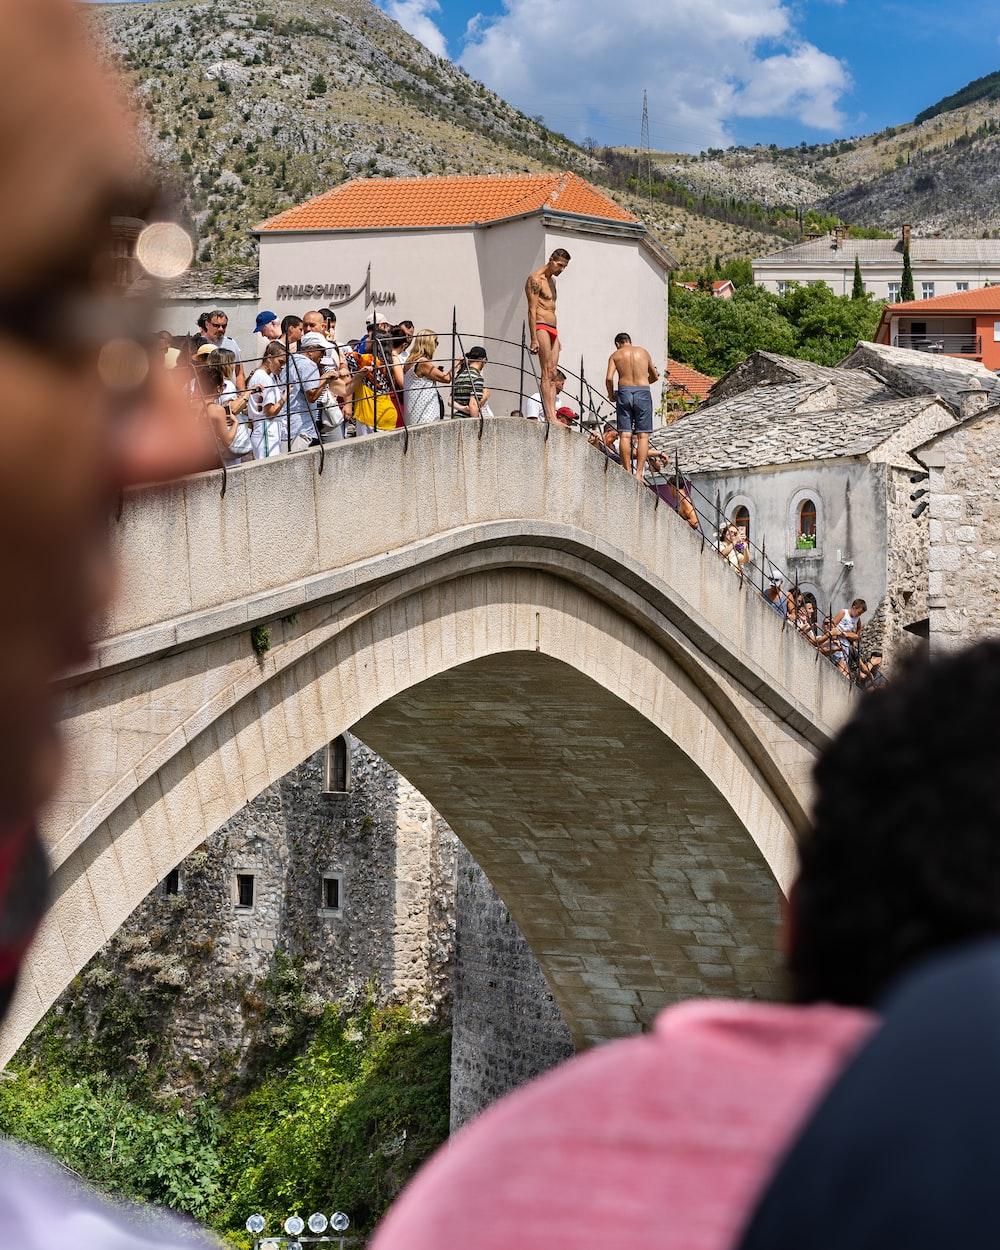 people walking on arch bridge during daytime